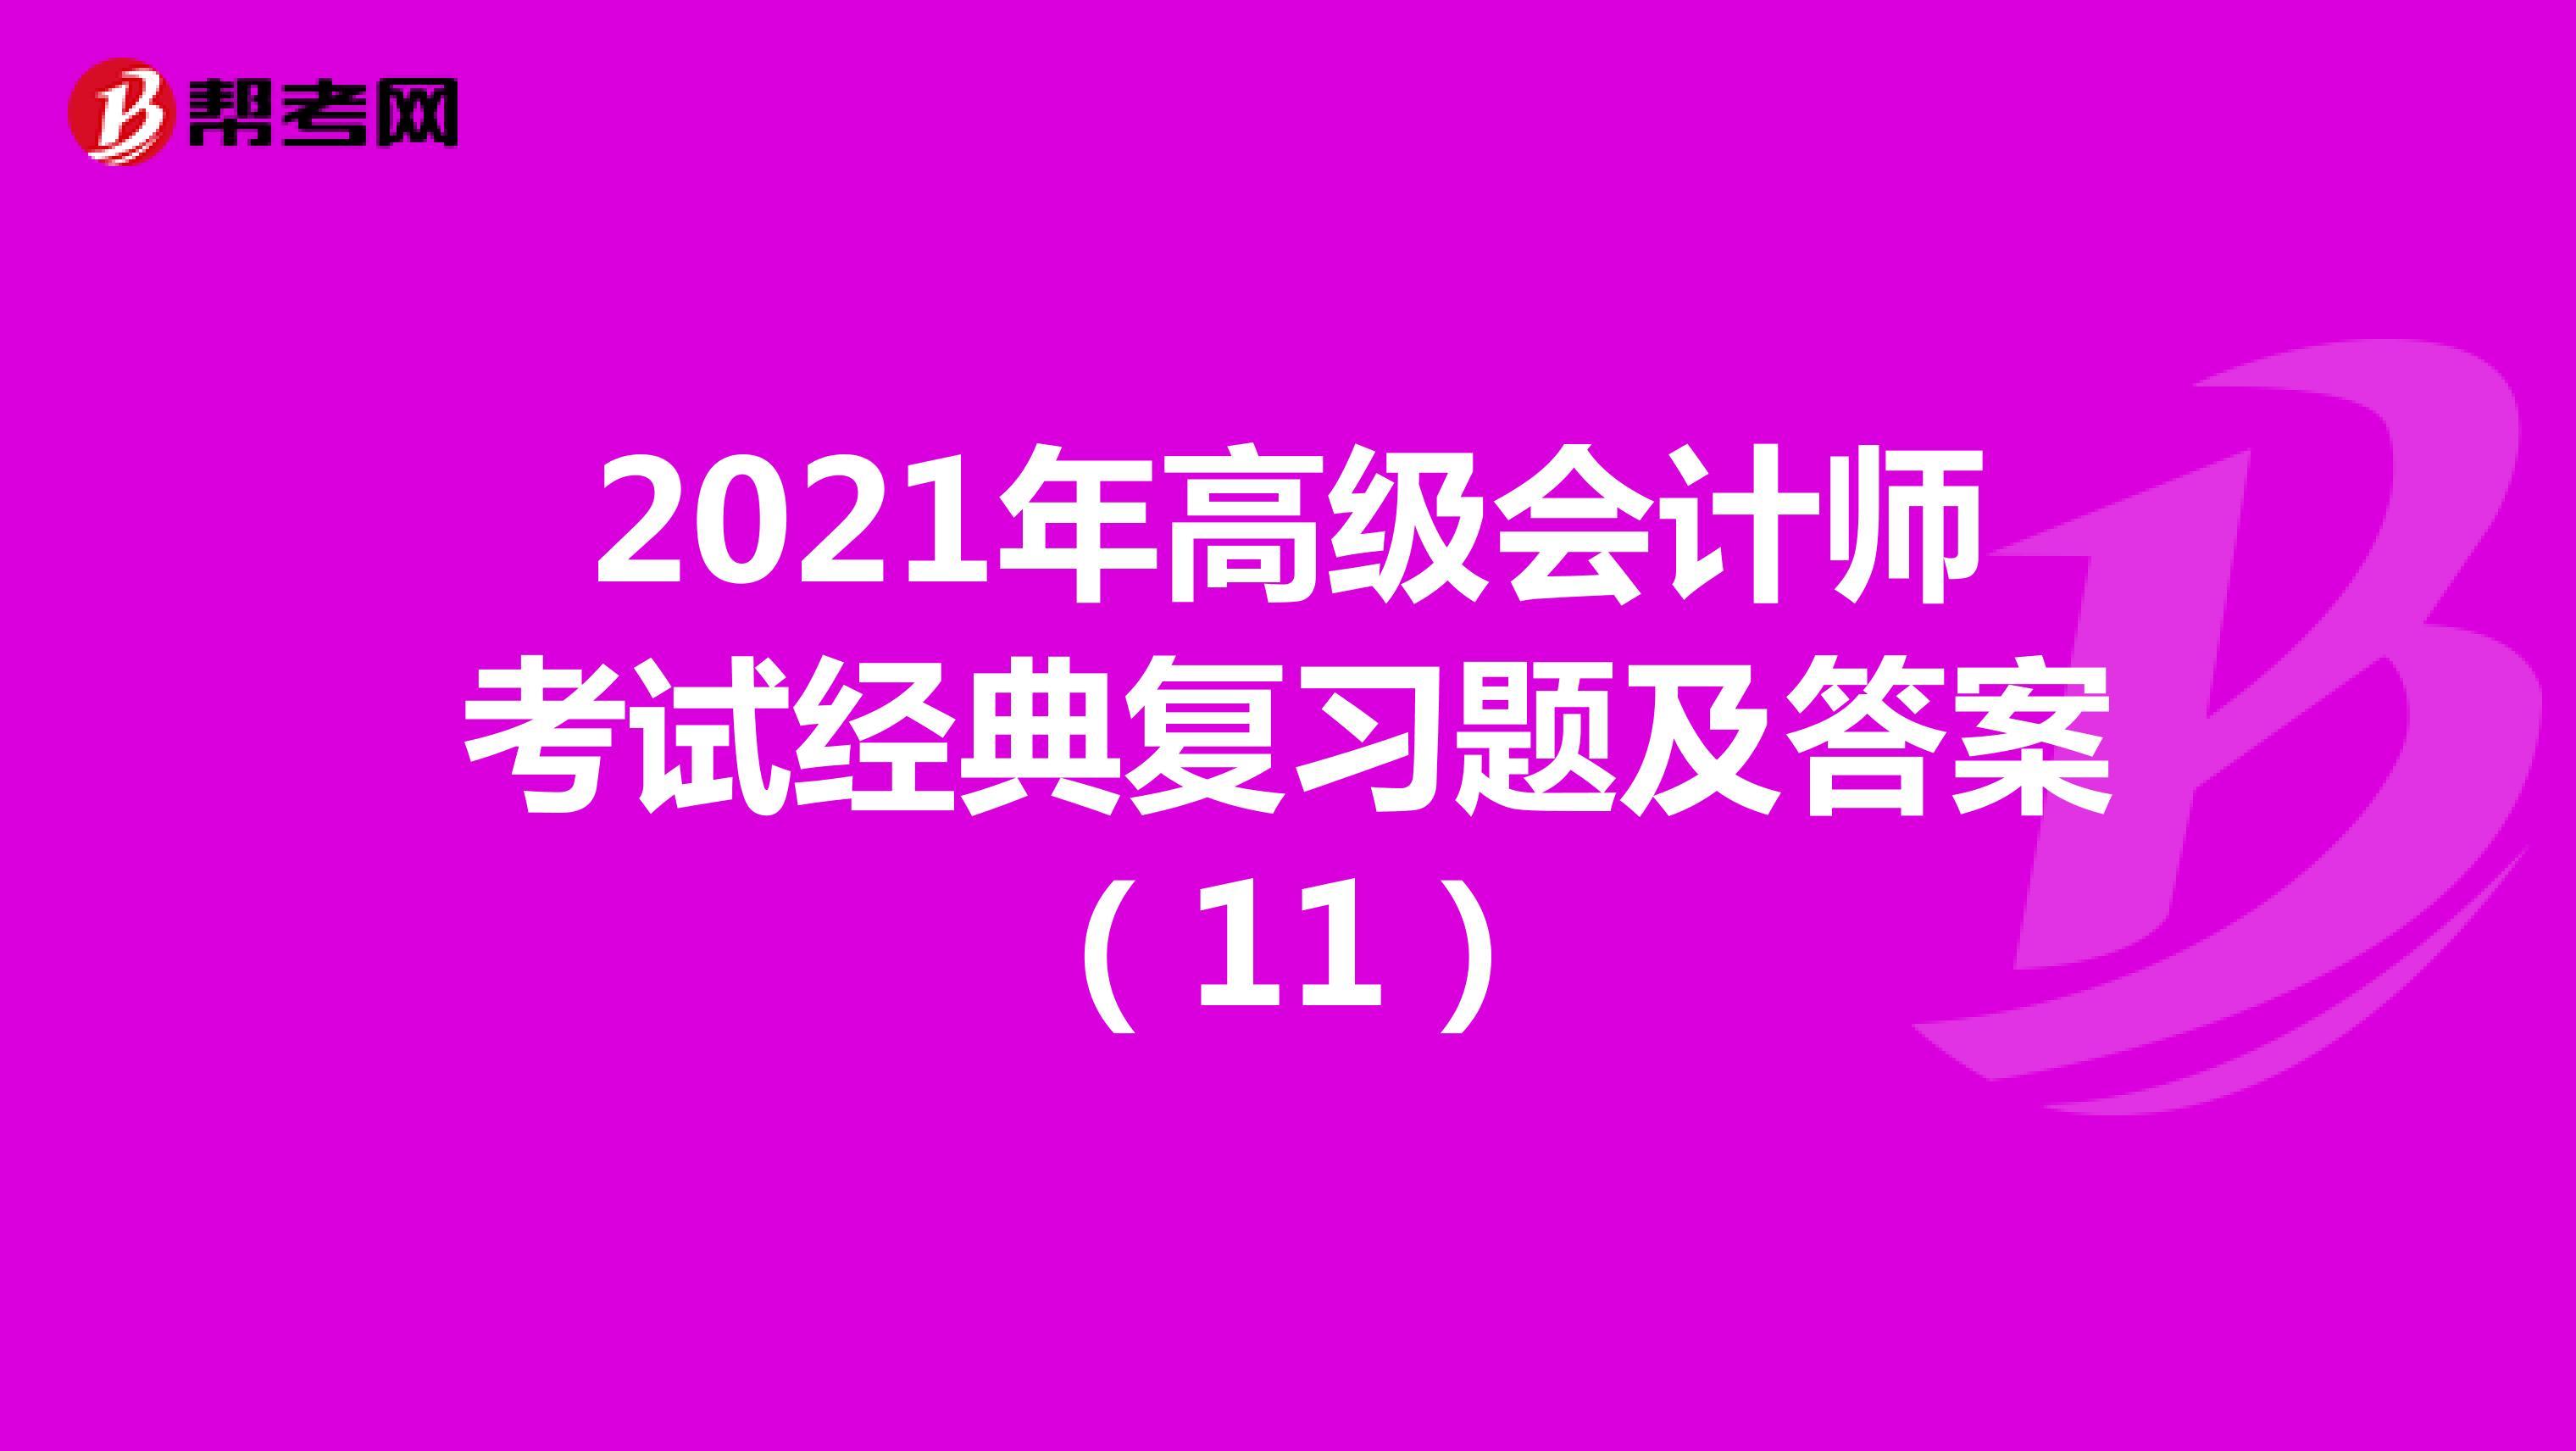 2021年高级会计师考试经典复习题及答案(11)